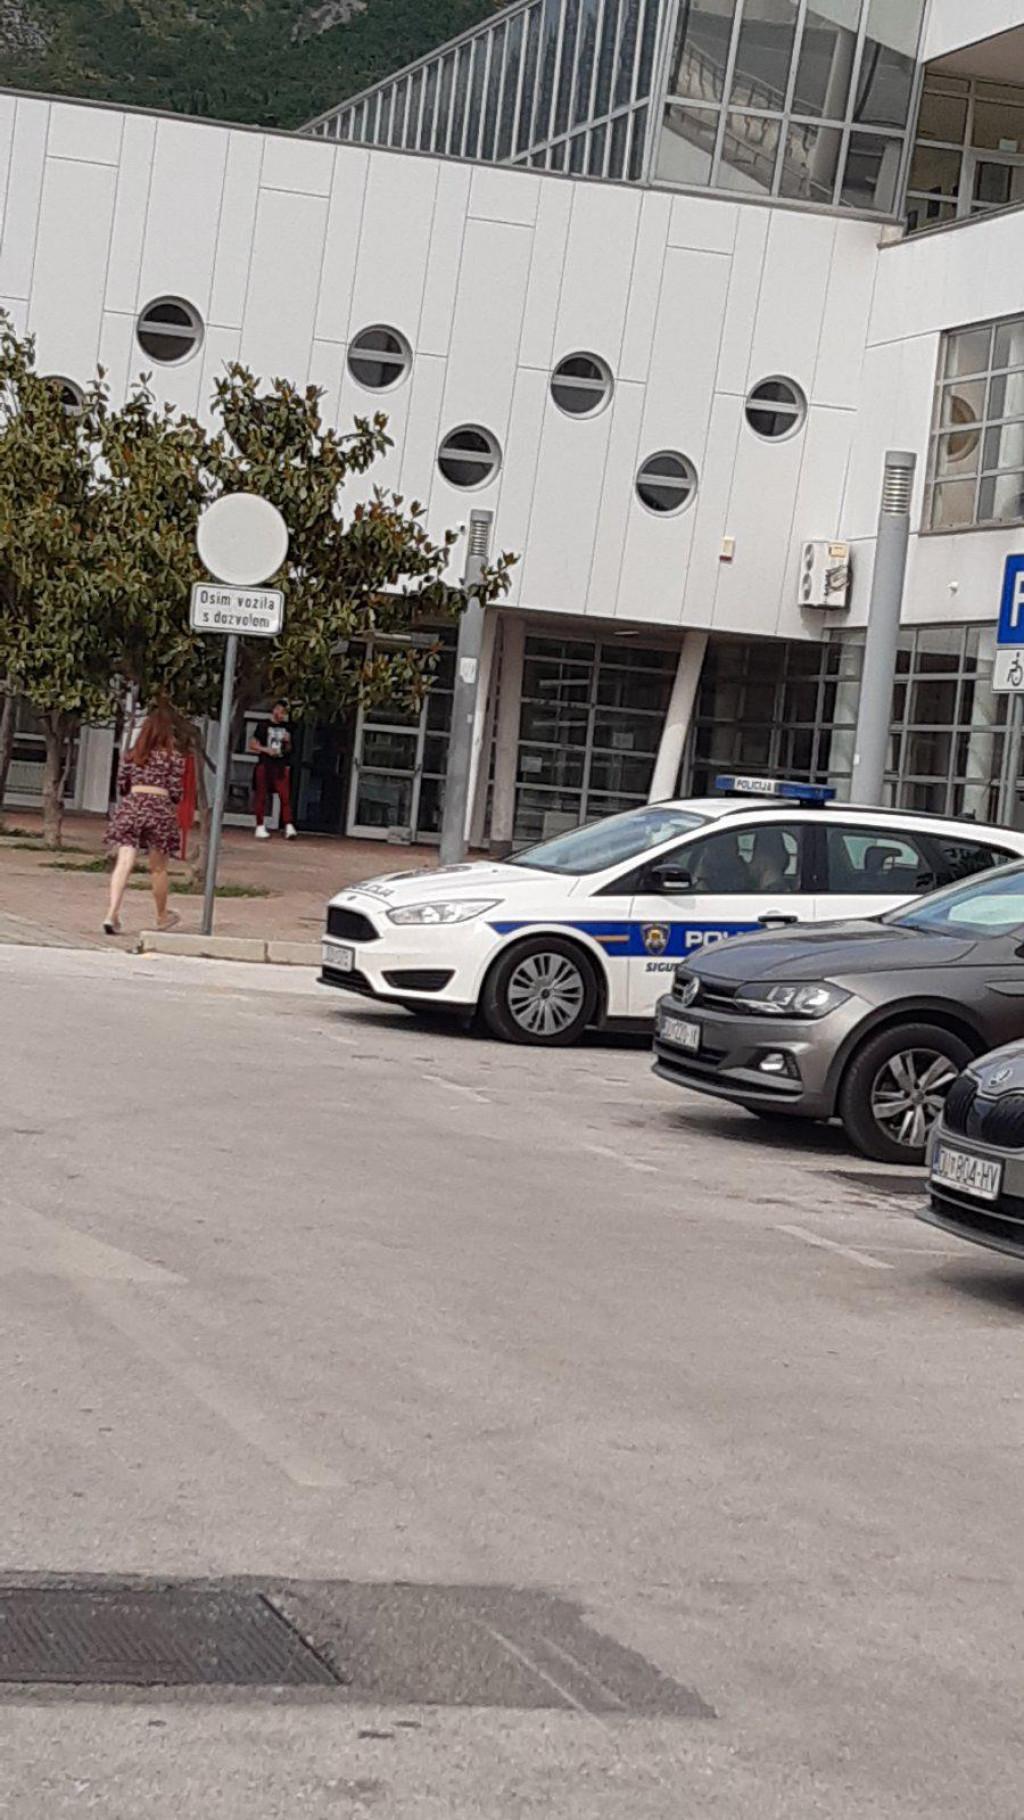 Na poziv Izbornog povjerenstva nazočili su i pripadnicu PU dubrovačko-neretvanske